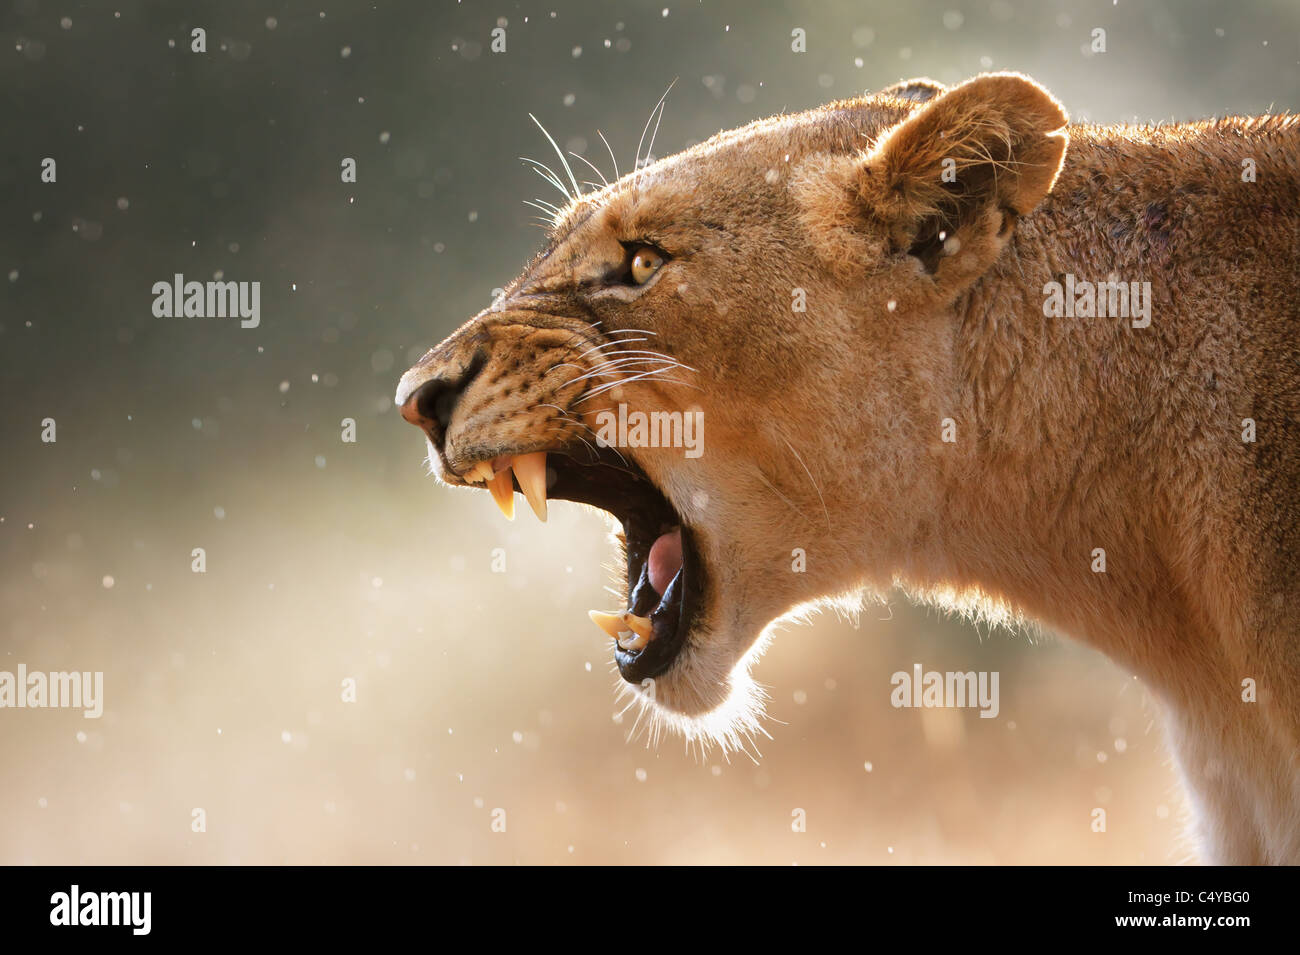 Leonessa visualizza denti pericolose durante la luce temporale - Kruger National Park - Sud Africa Immagini Stock